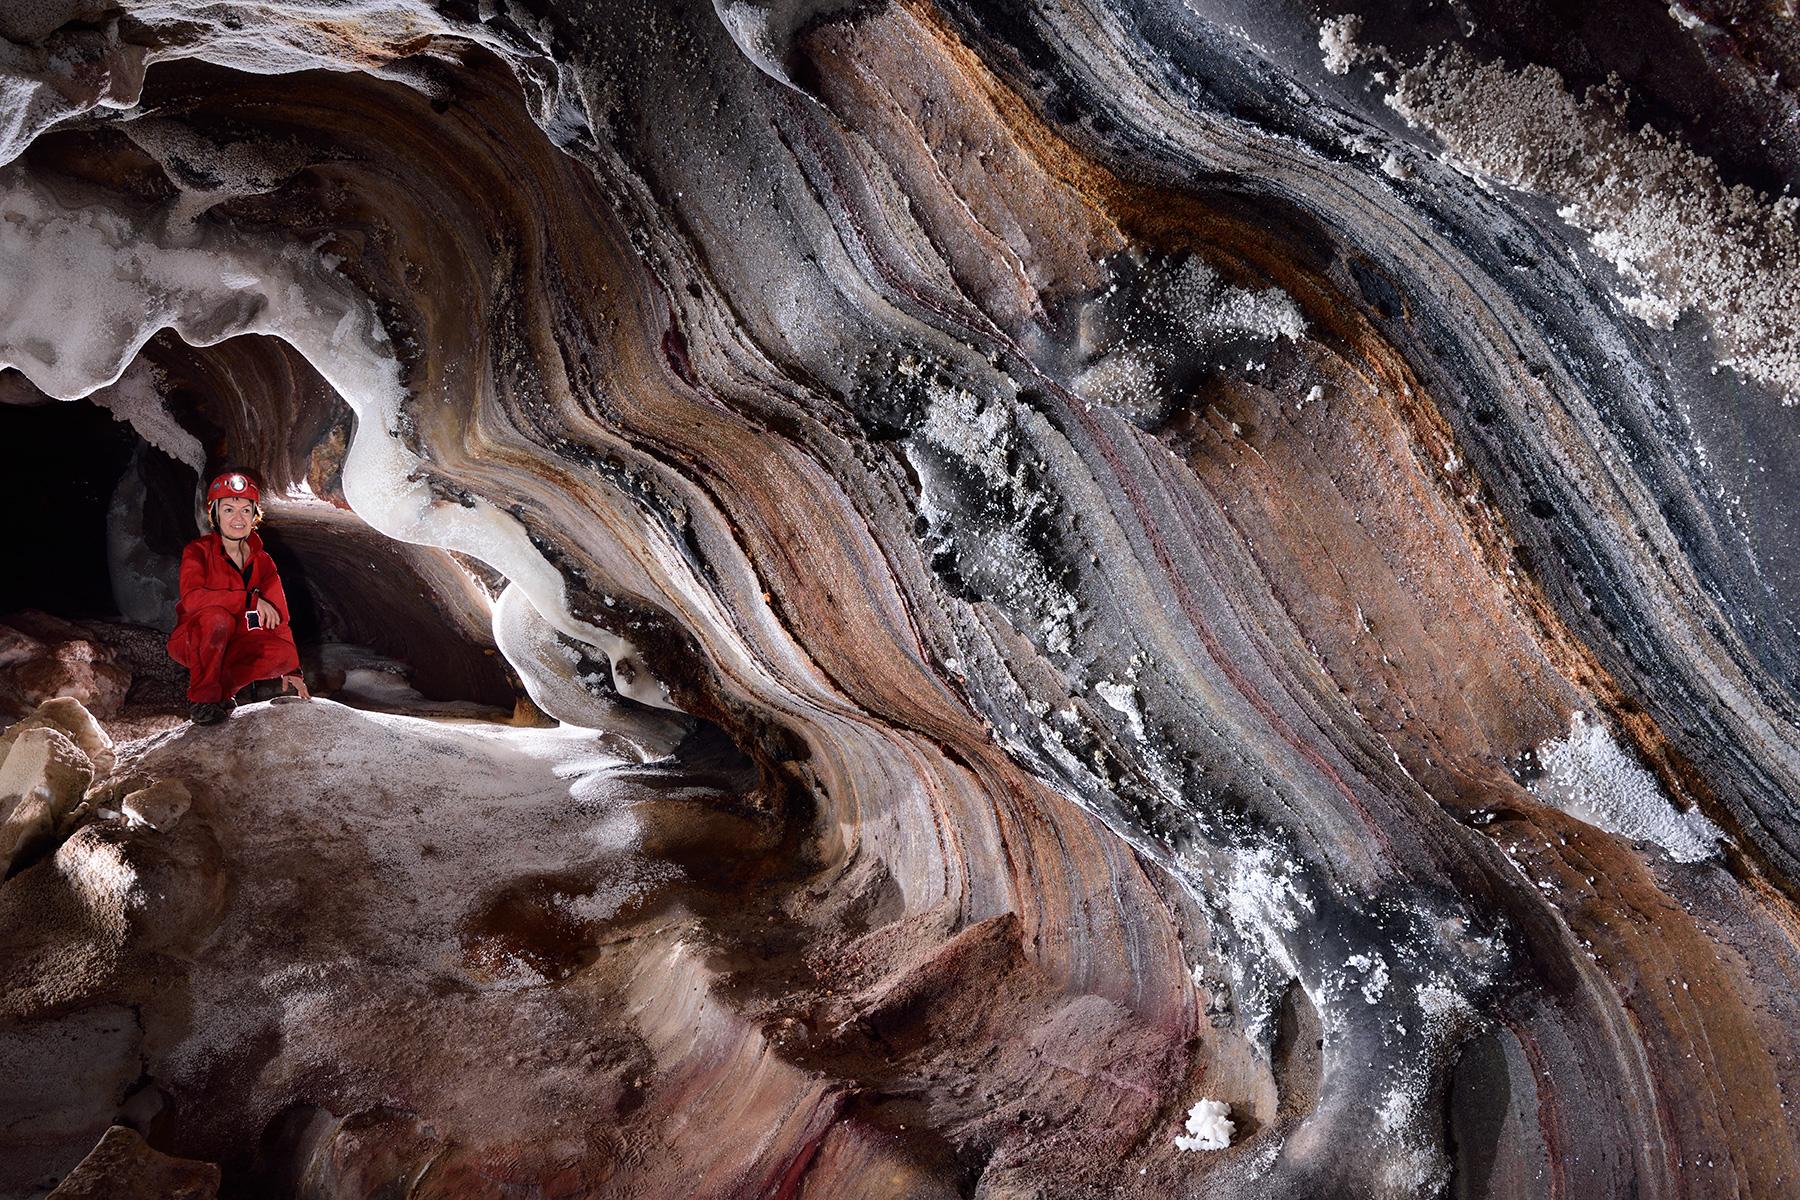 The World's Largest Salt Cave